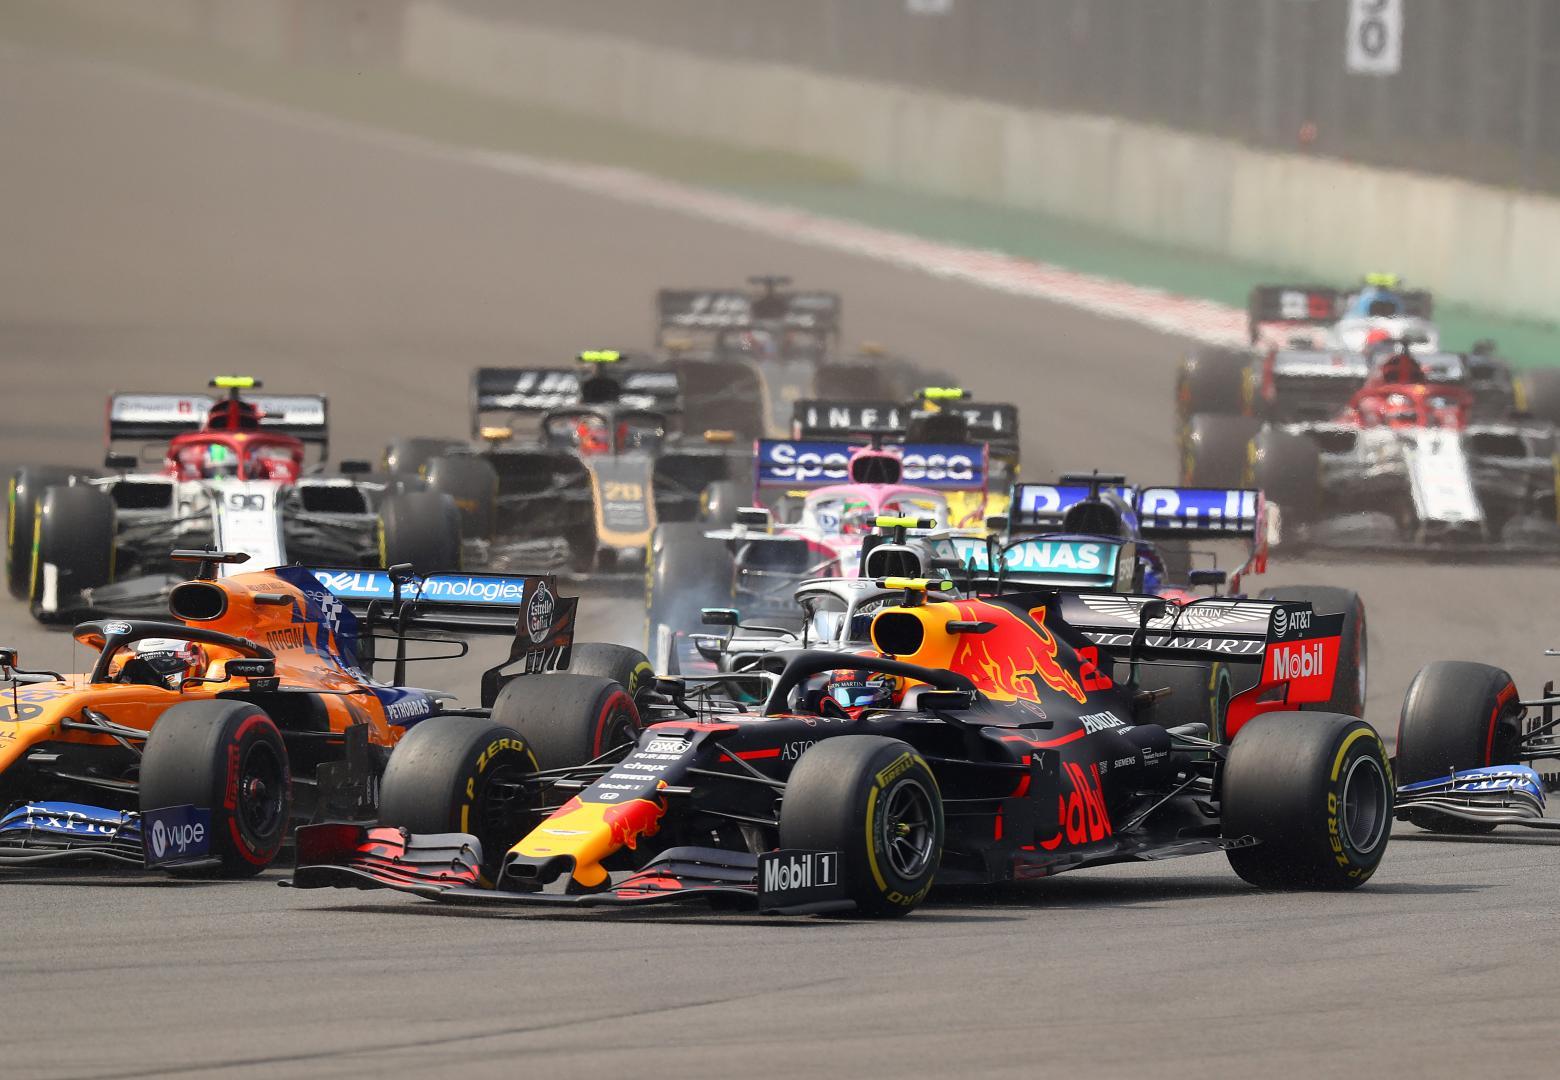 Alexander Albon in bocht 1 met de rest van het veld GP van Mexico 2019